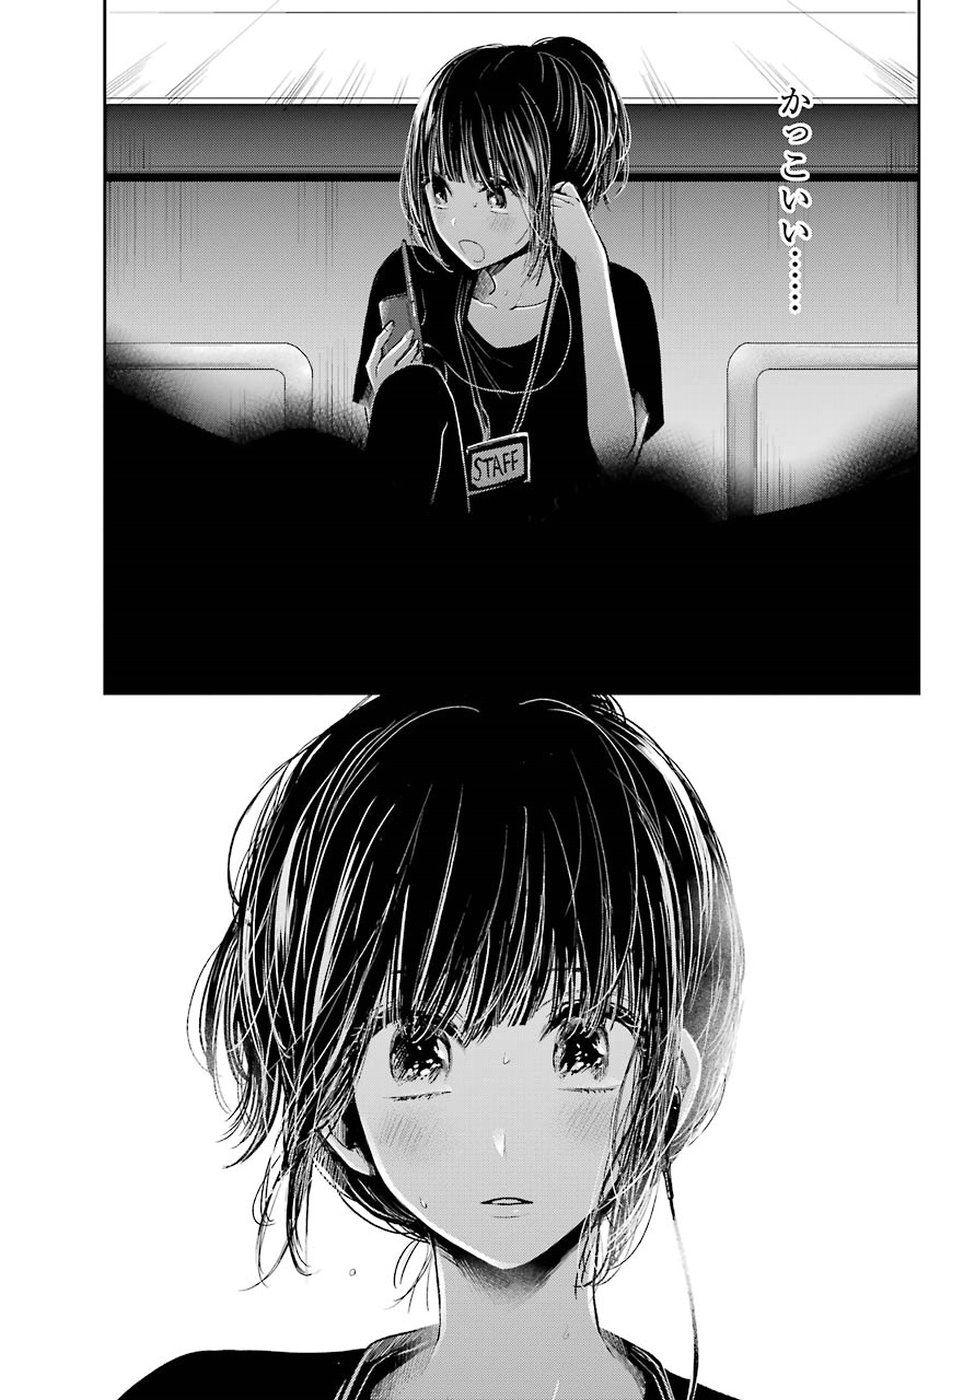 Kuzu no Honkai Décor Raw Chapter 7 Kuzu no